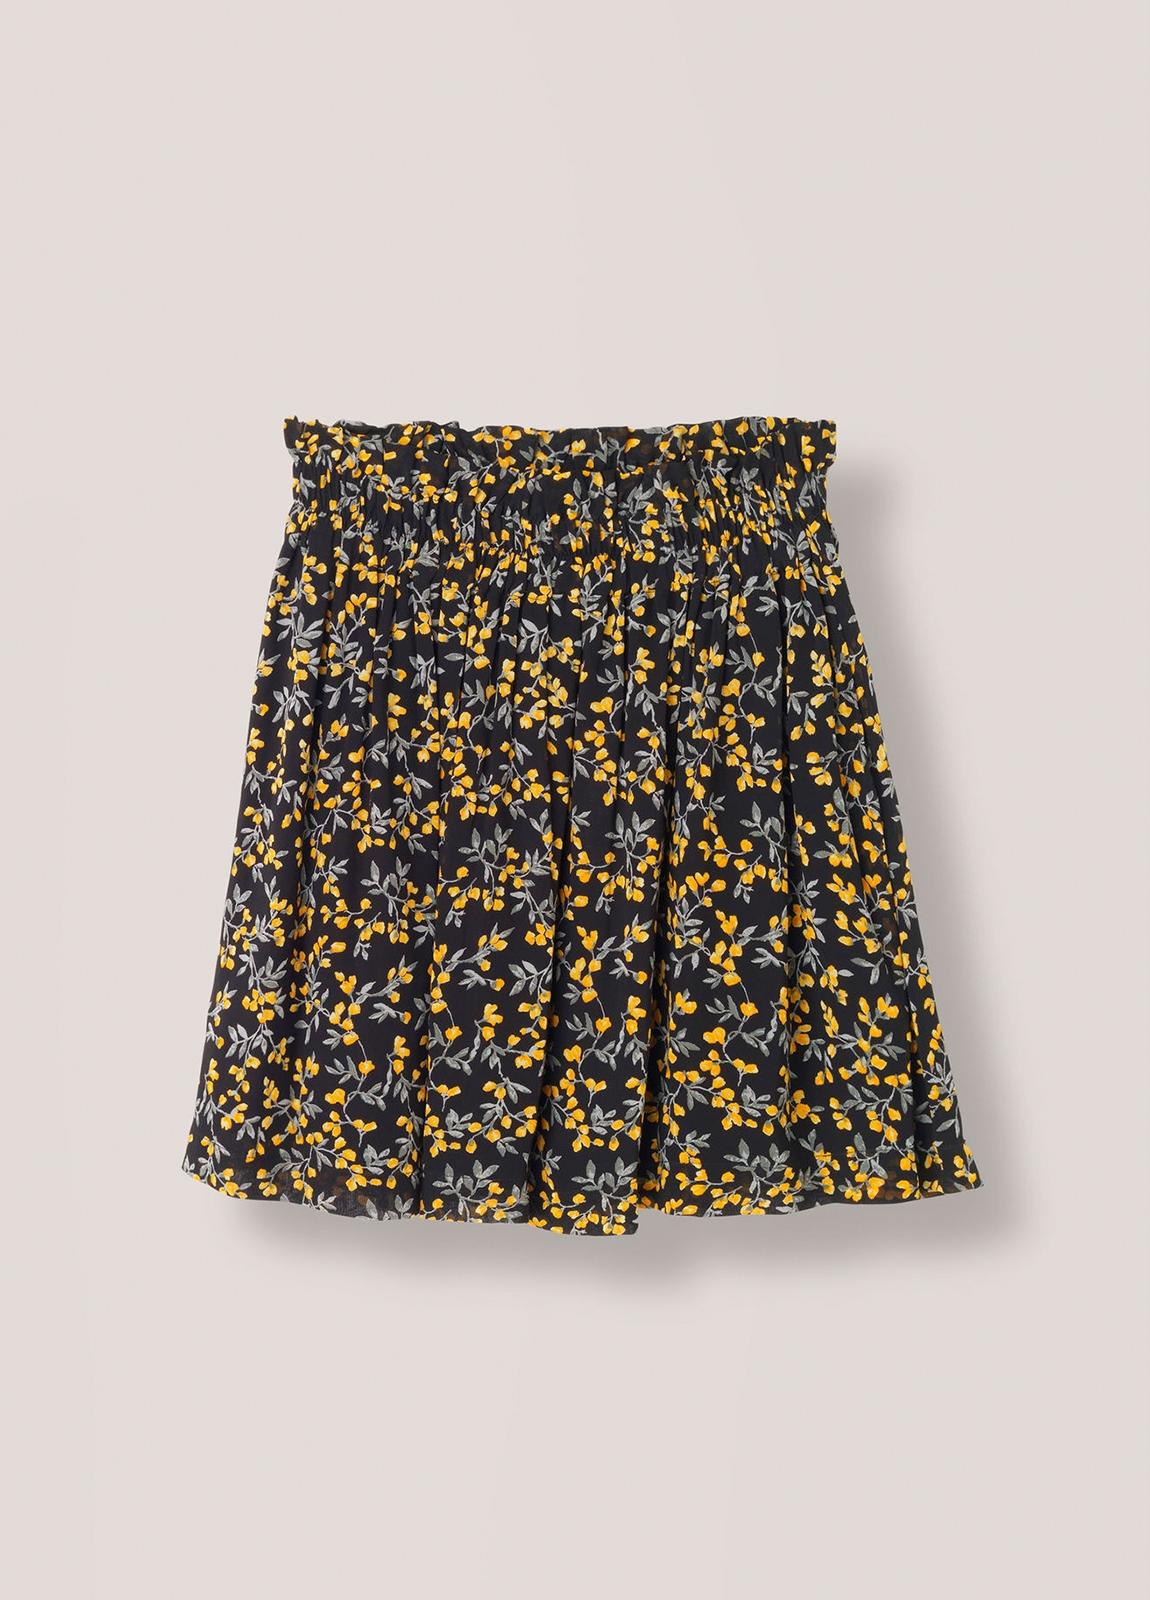 Falda corta plisada con cintura elástica color negro con estampado floral. 100% Viscosa. - Ítem3